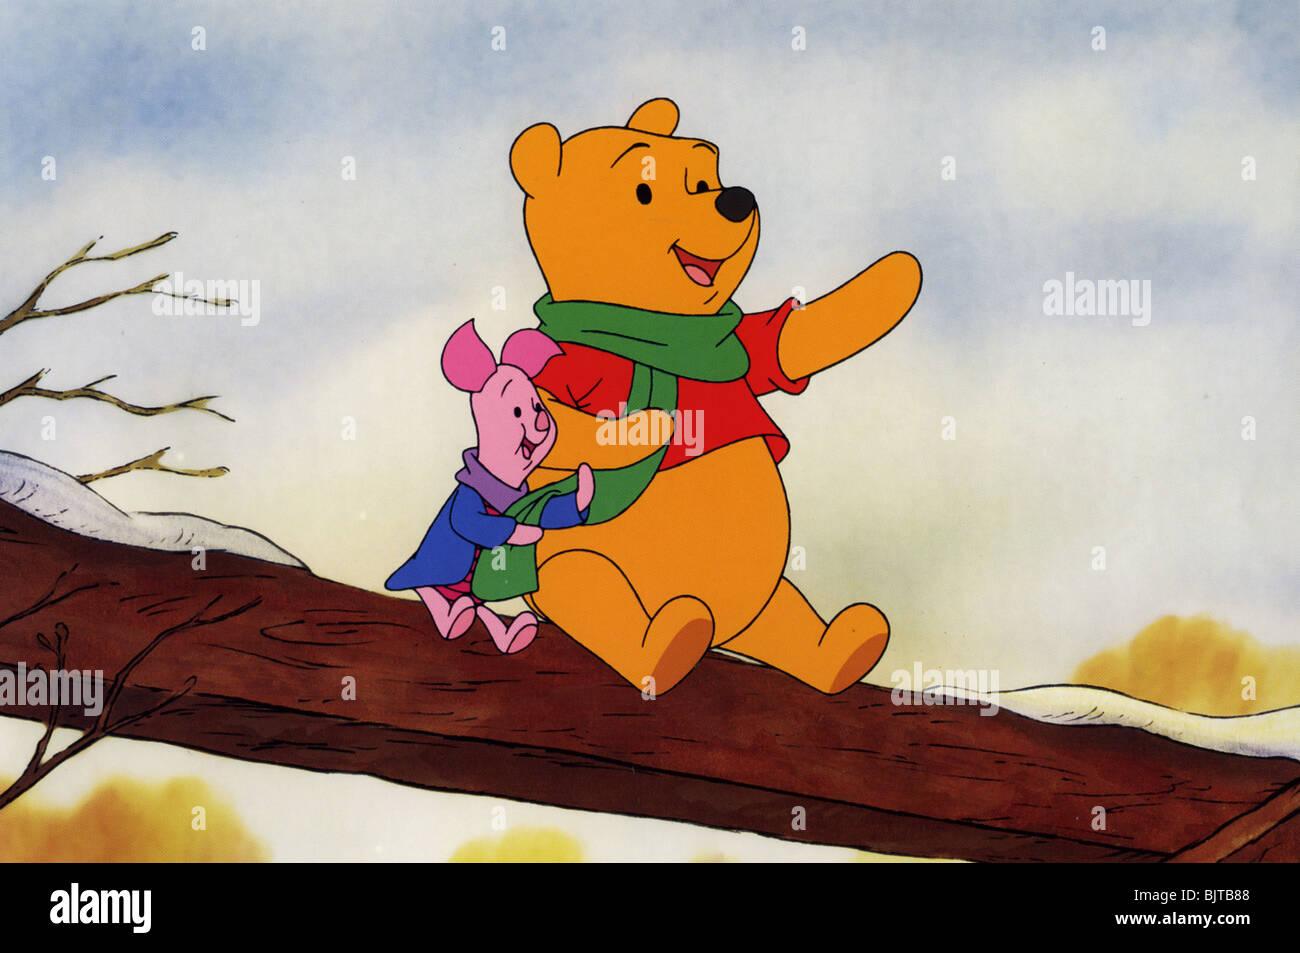 PIGLET'S BIG MOVIE - 2003 Buena Vista/Walt Disney cartoon - Stock Image